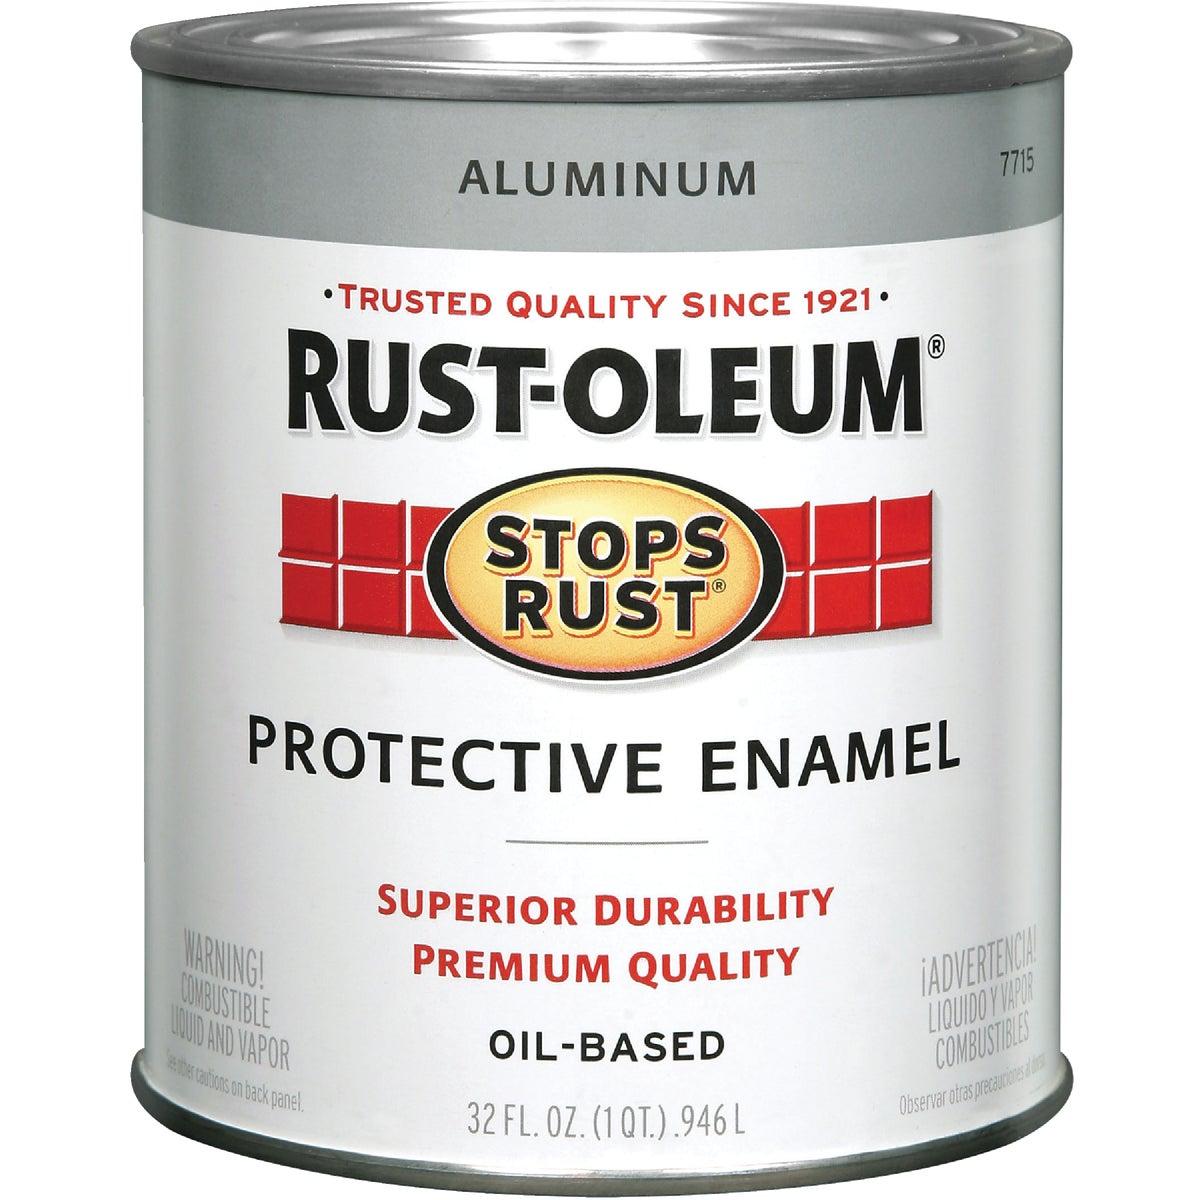 ALUMINUM ENAMEL - 7715-502 by Rustoleum